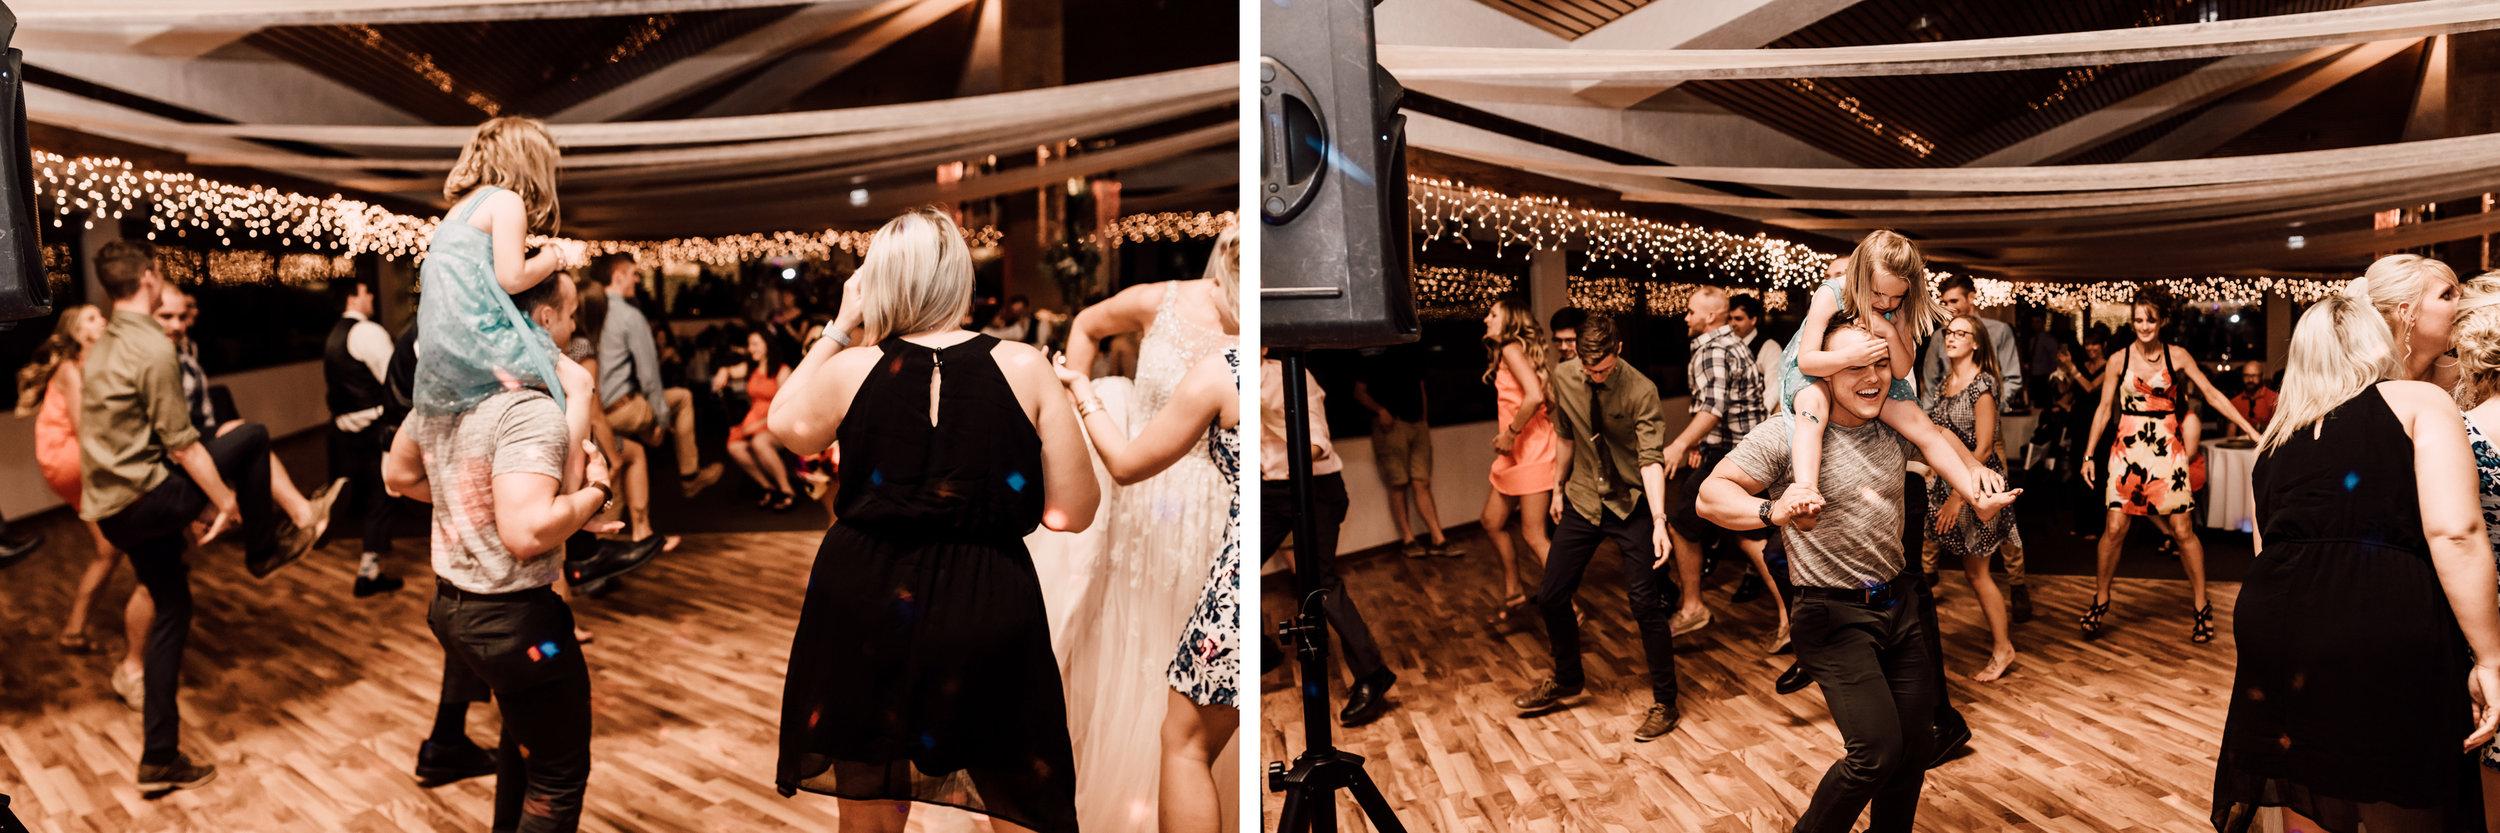 wedding reception dancing, wedding dance playlist ideas